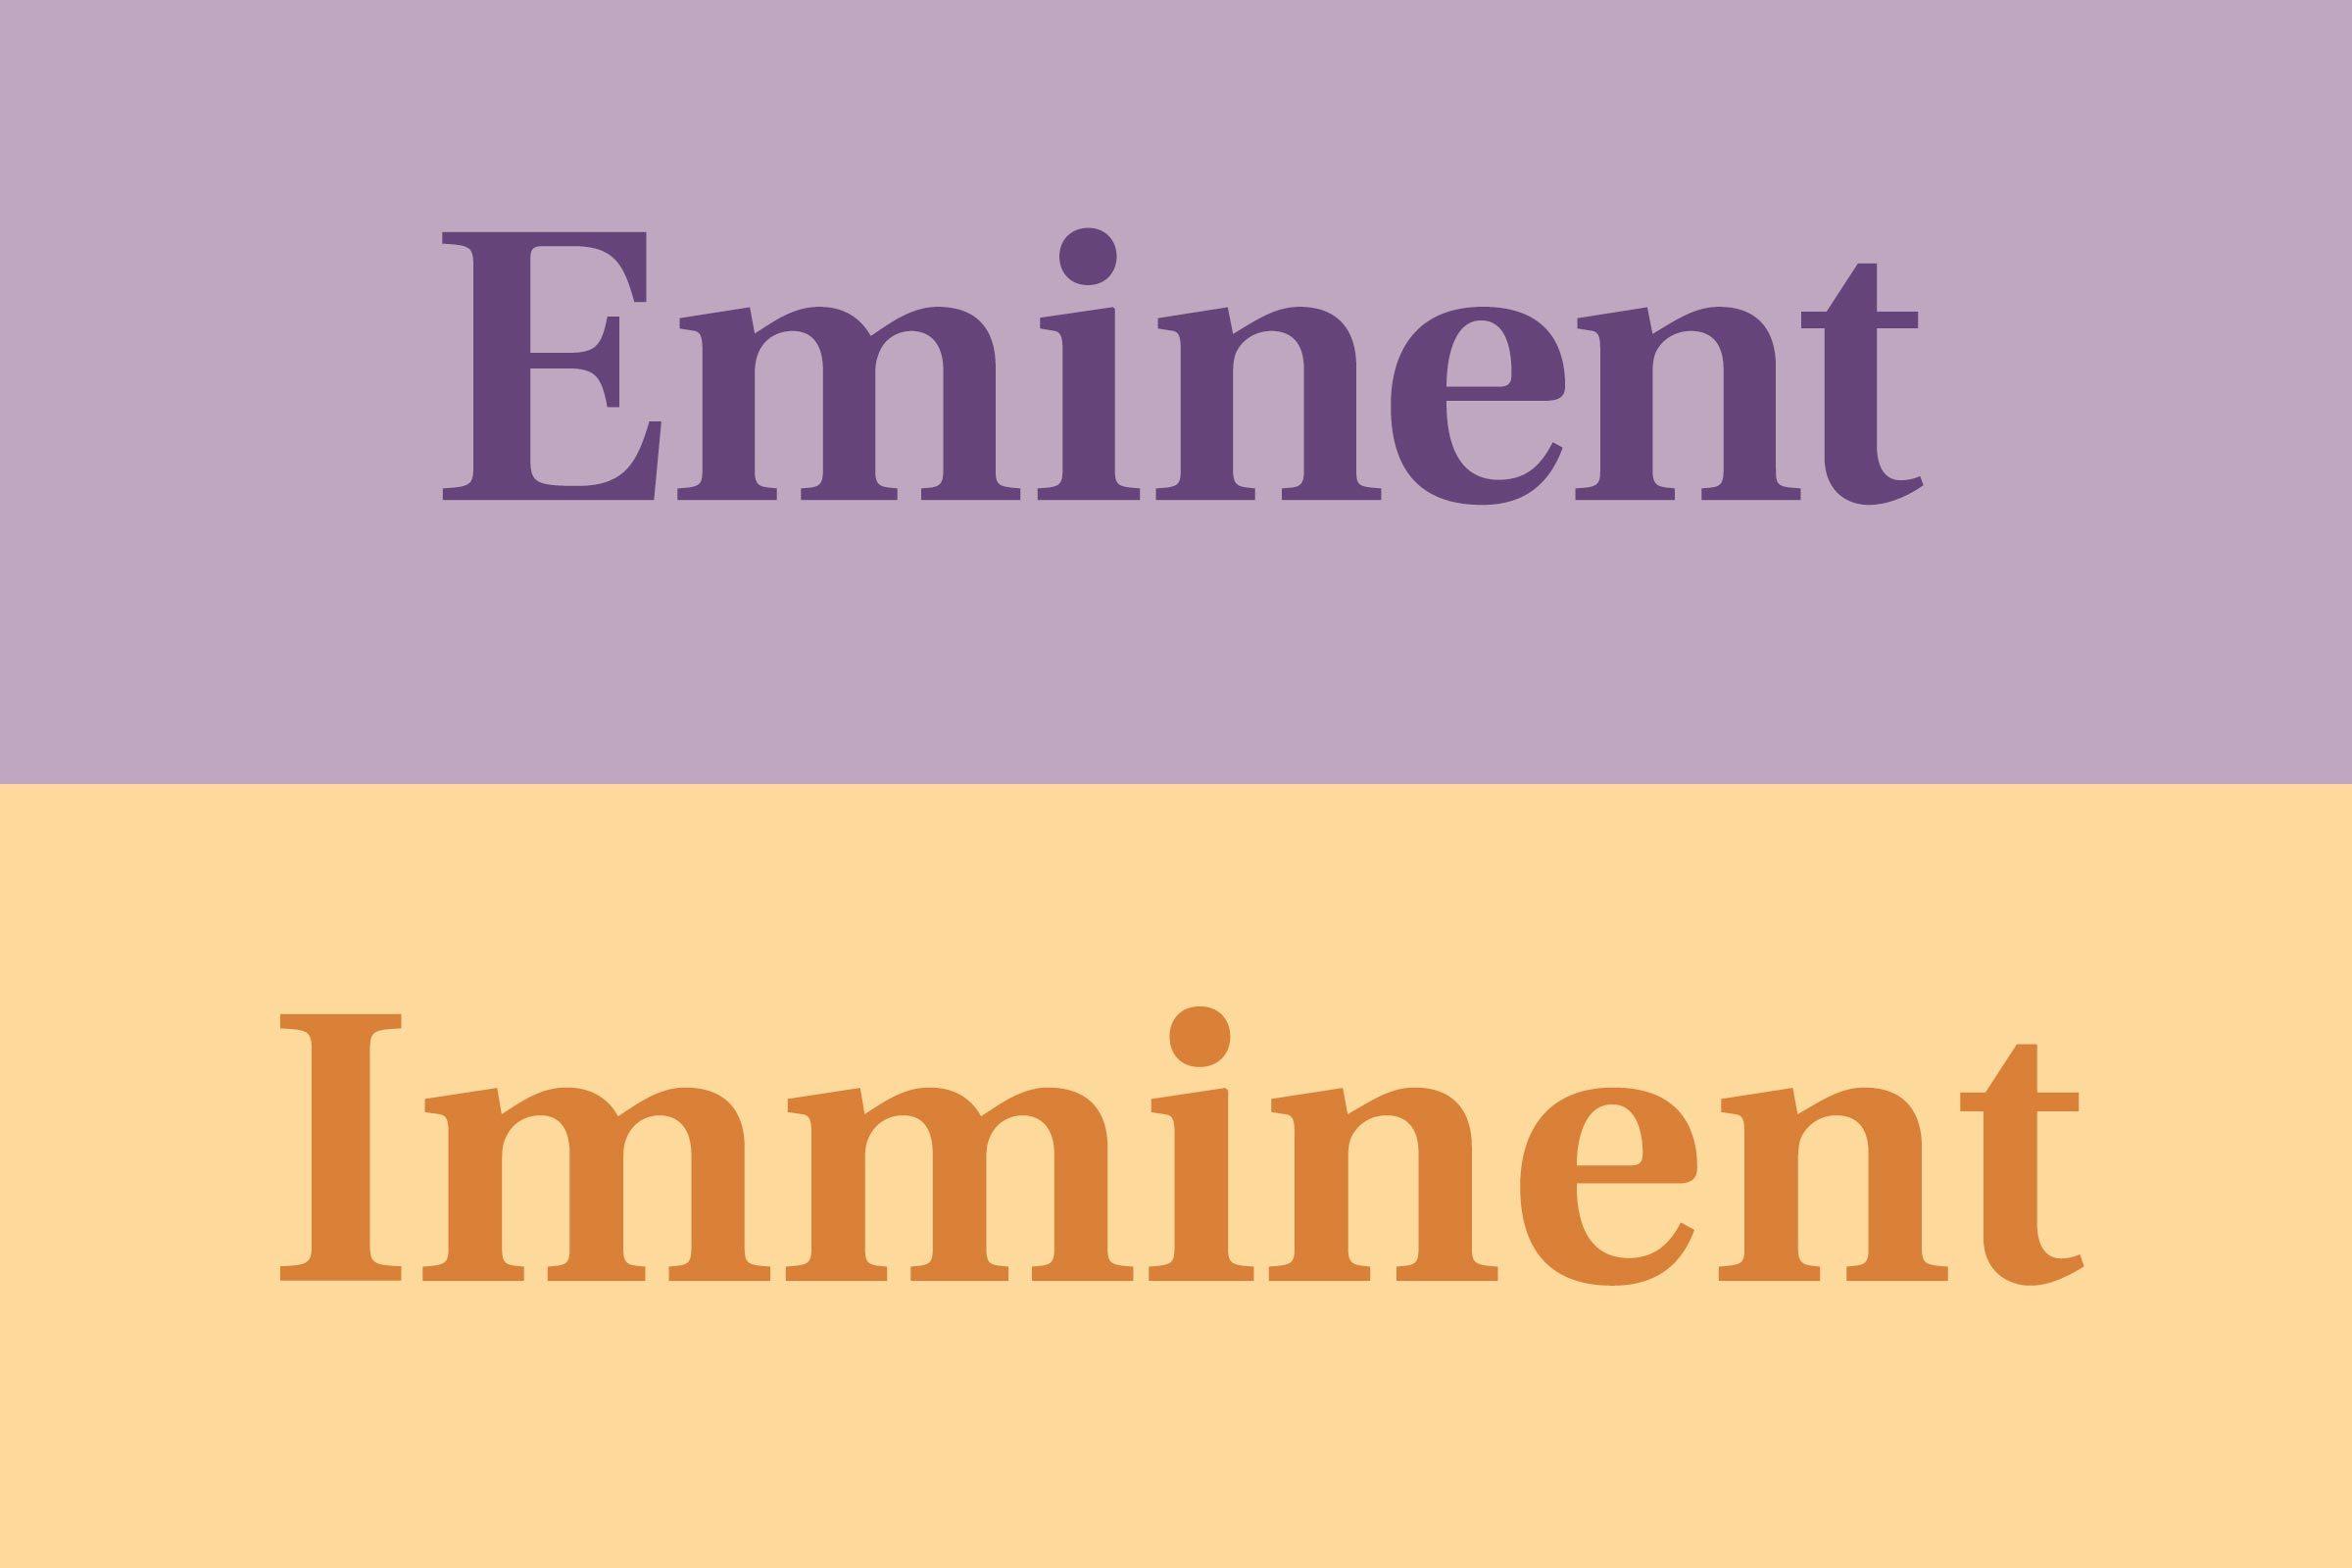 Eminent vs Imminent